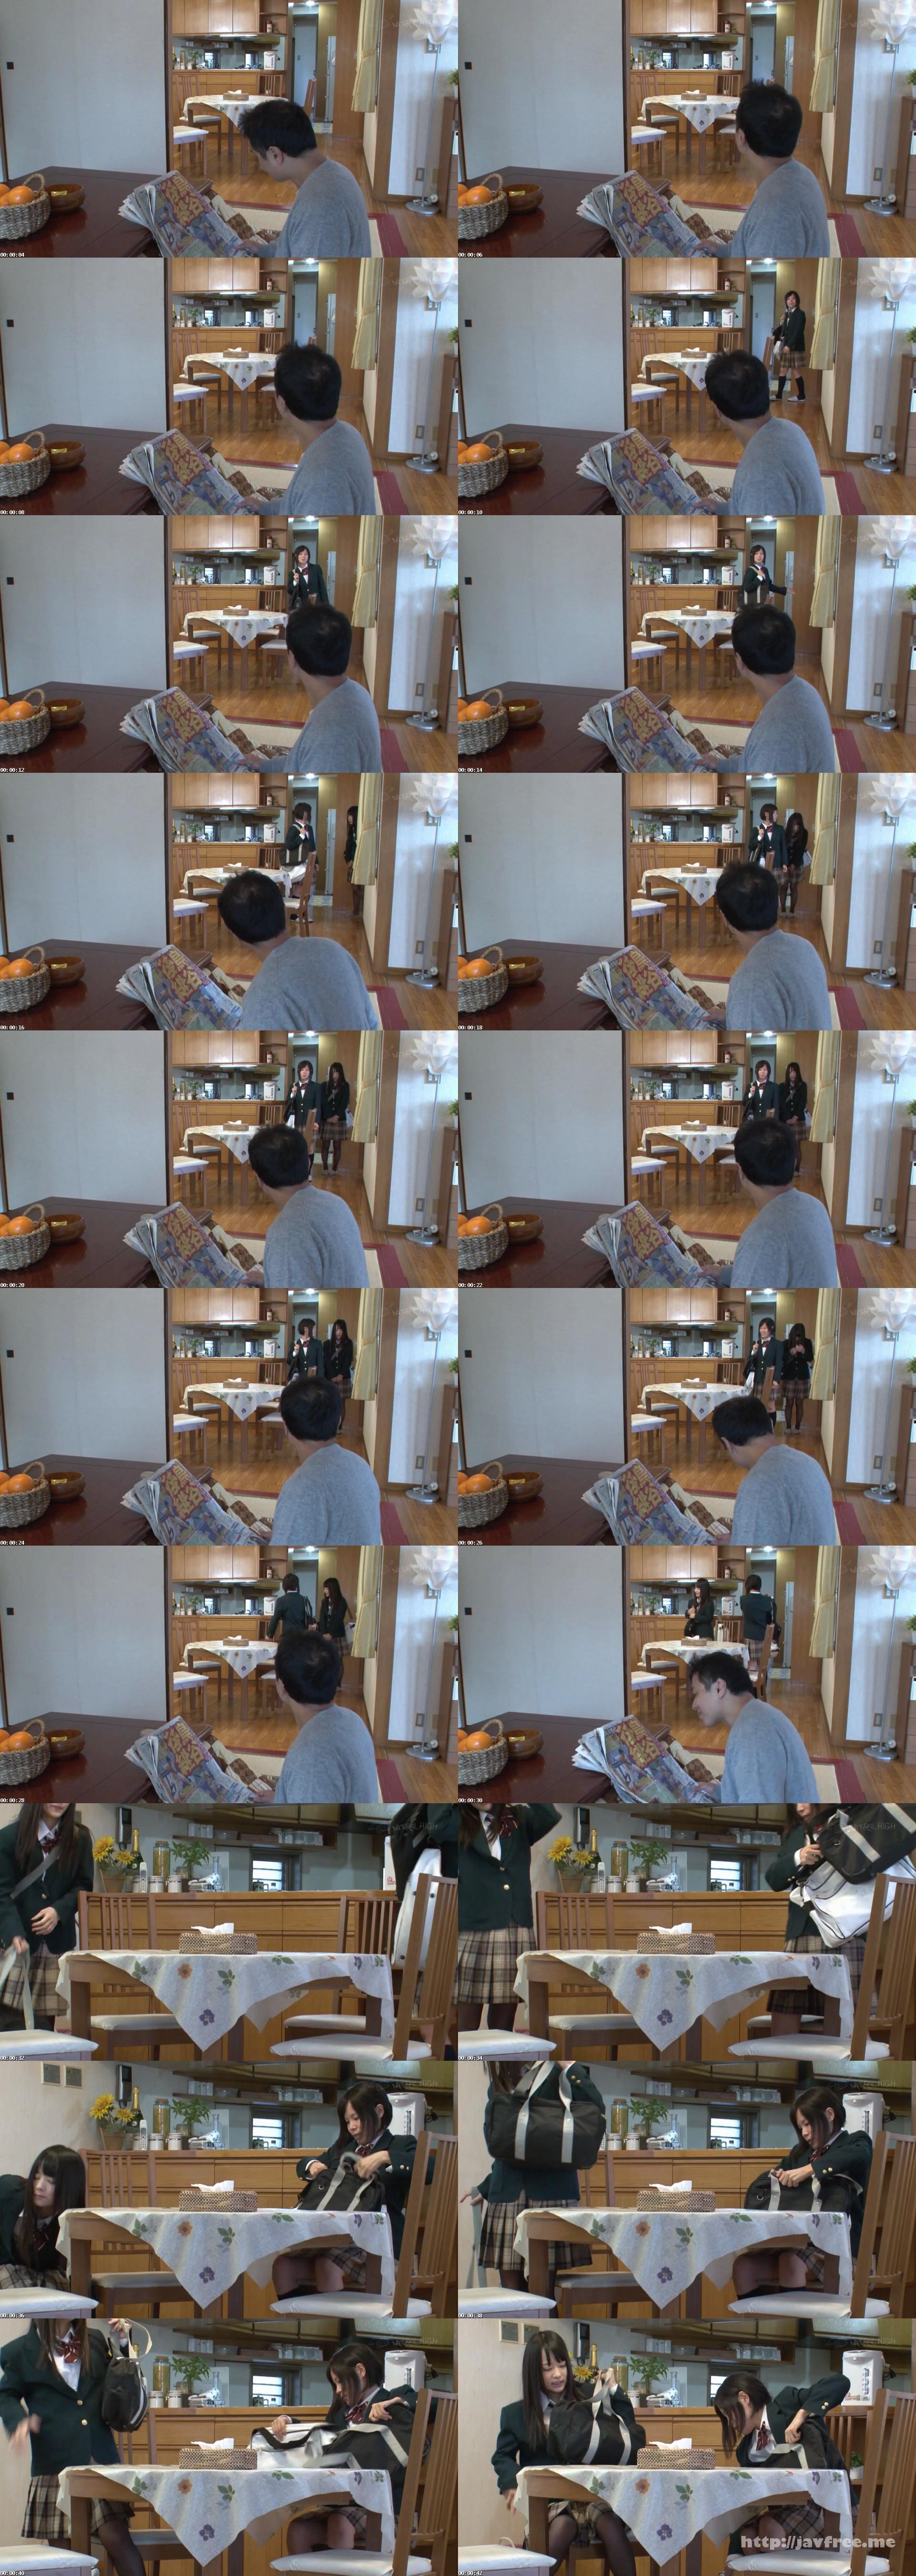 [NHDTA-929] 家の中に潜む絶倫少女は…中出しSP!奥さんにバレるスレスレで何回も無理やりハメたがる既婚者チ○ポ好き あべみかこ